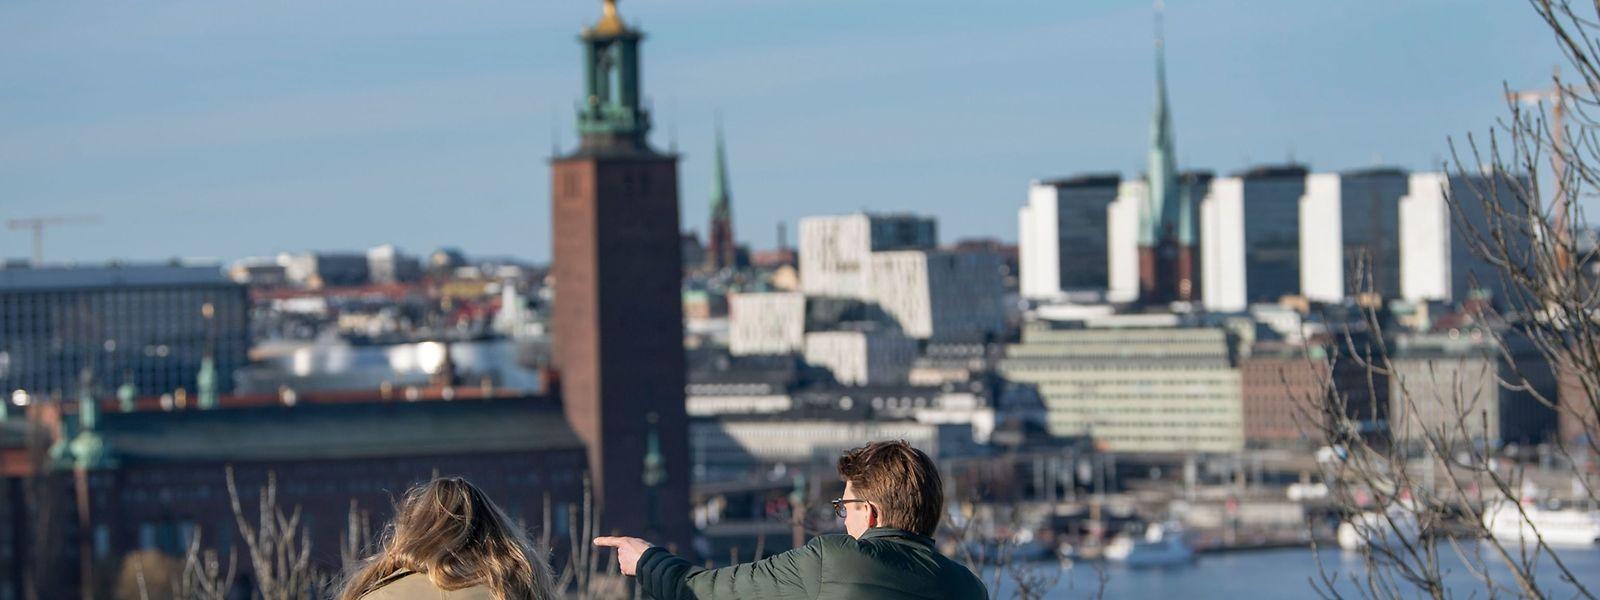 In Stockholm genießen viele Menschen trotz Corona die warmen Frühlingstemperaturen.